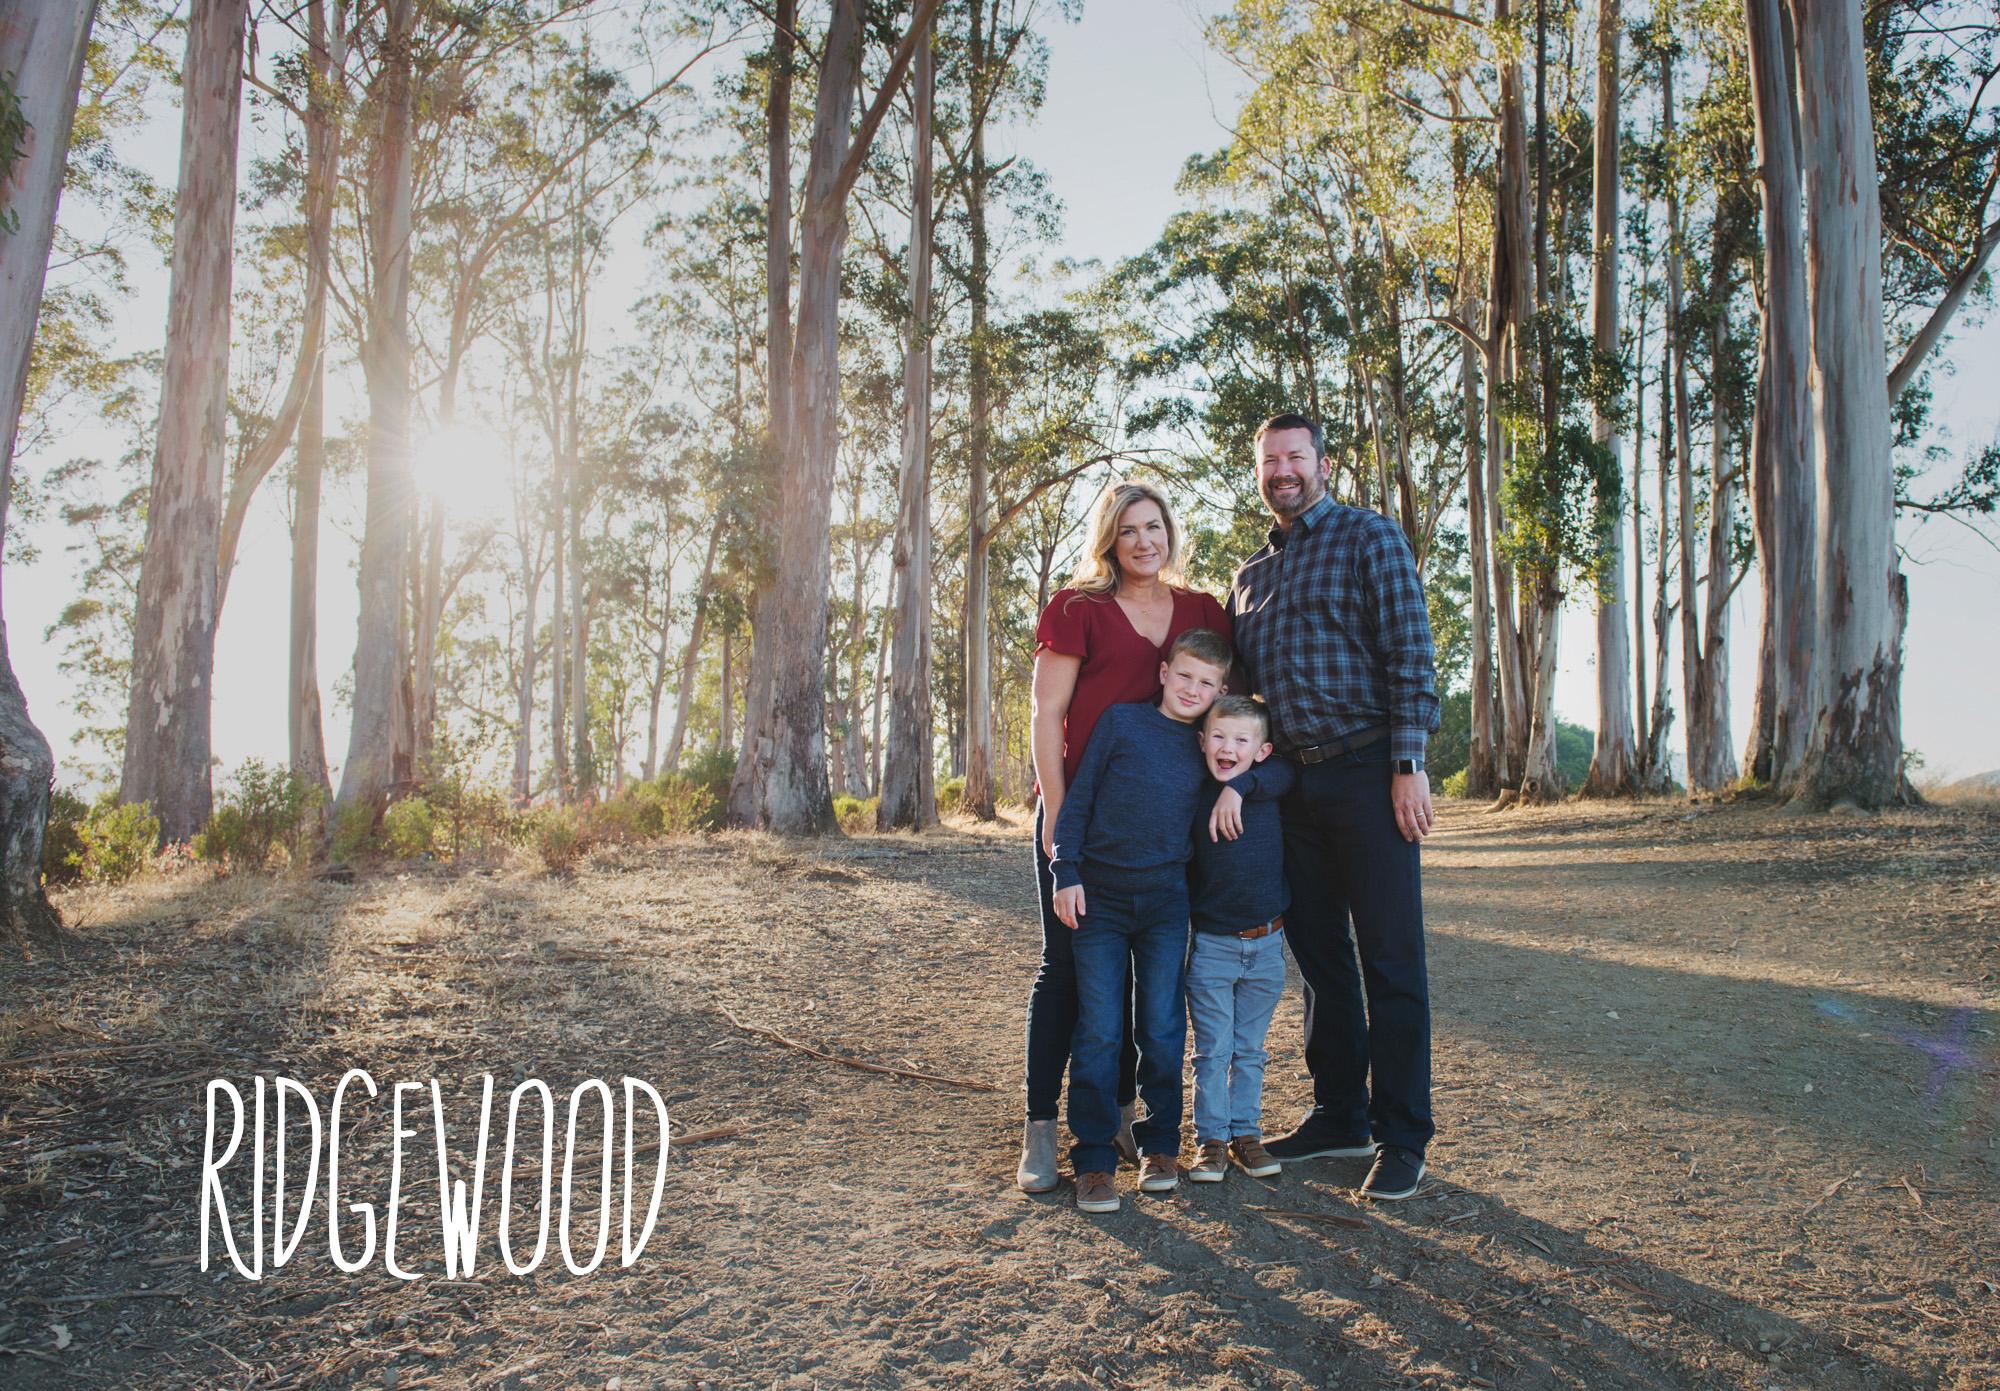 ridgewood015.jpg